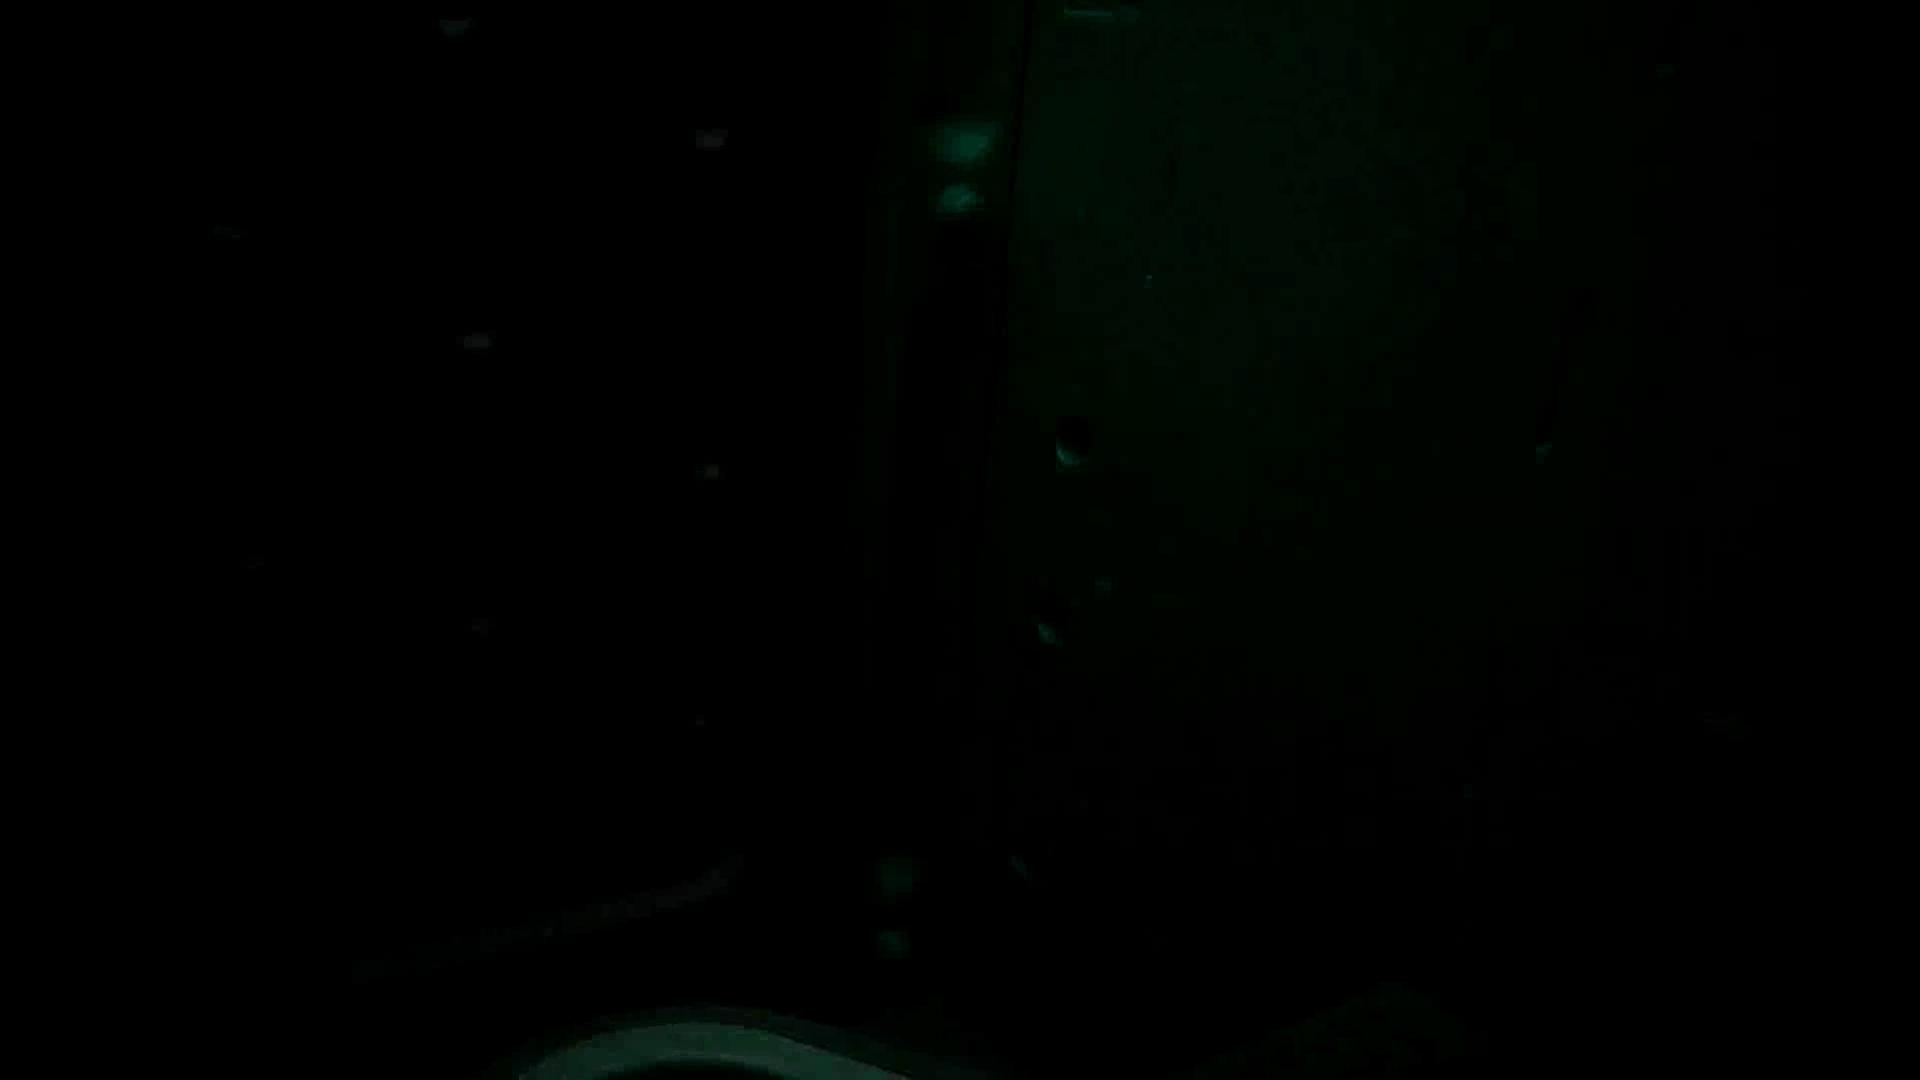 痴態洗面所 Vol.09 美女系、清楚系、ギャル系、時々祭り系?? 盛合せ | お姉さんのSEX  90枚 49